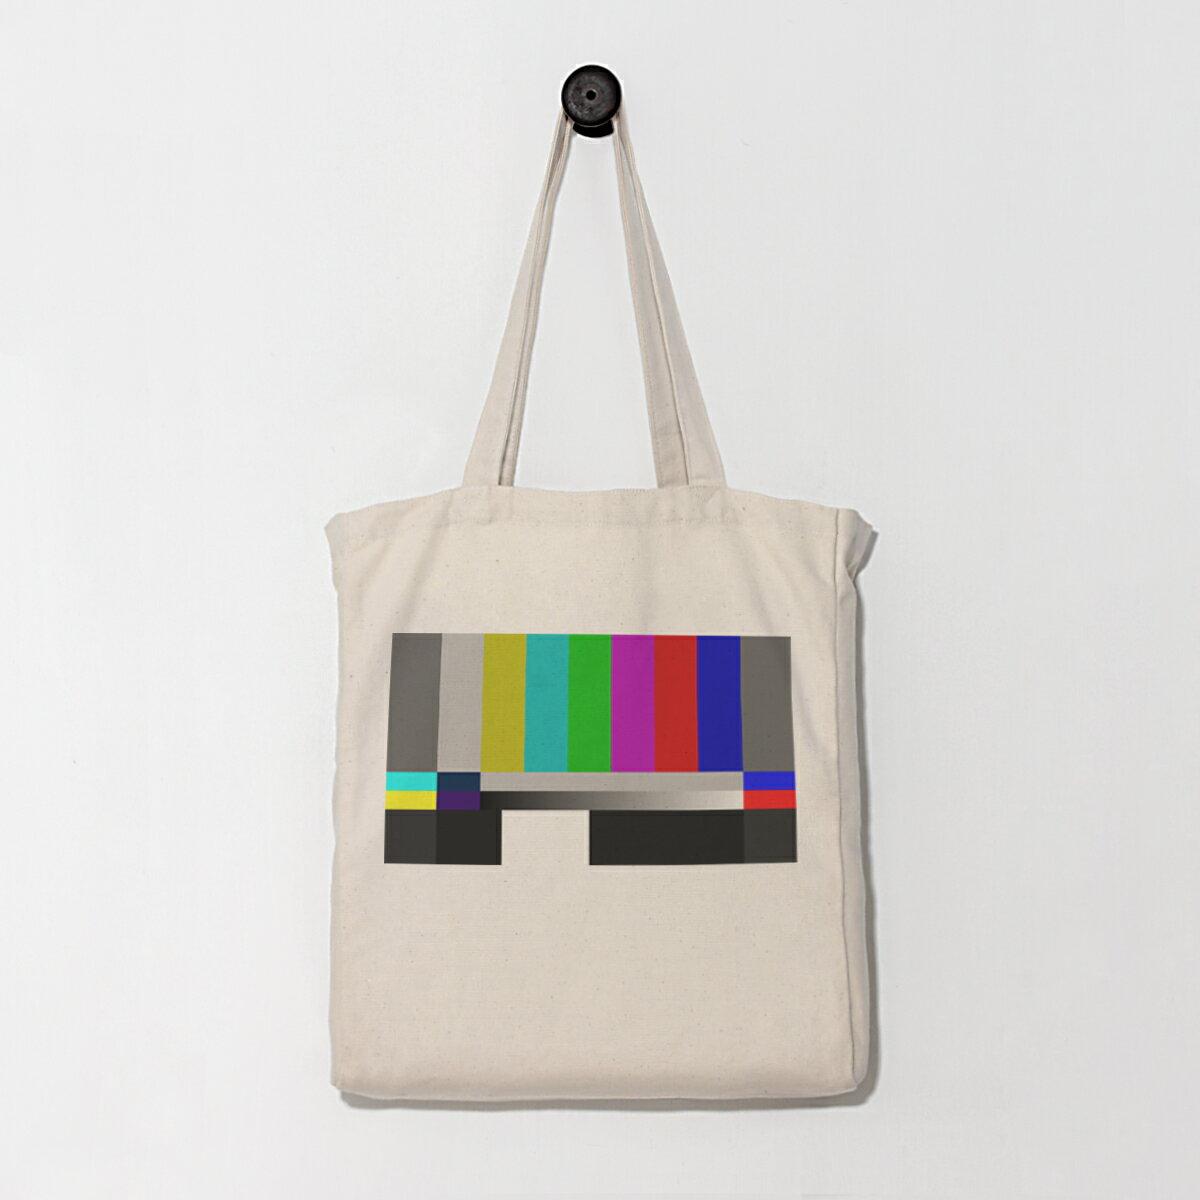 [電視彩虹] 環保袋/帆布袋/購物袋/托特包/手提/Eco包/日用袋/1day1bag